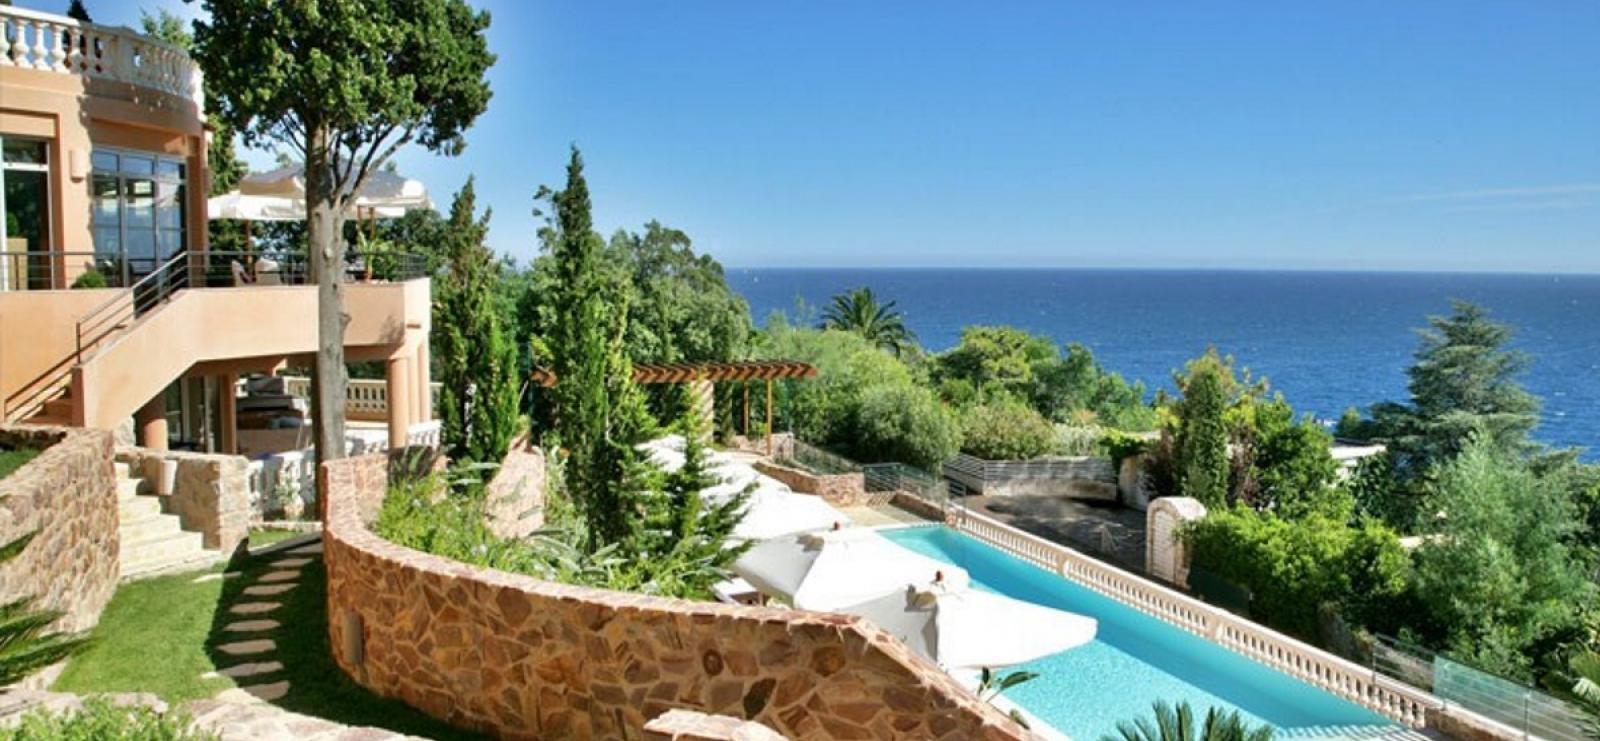 Hôtel Tiara Yaktsa Côte d'Azur